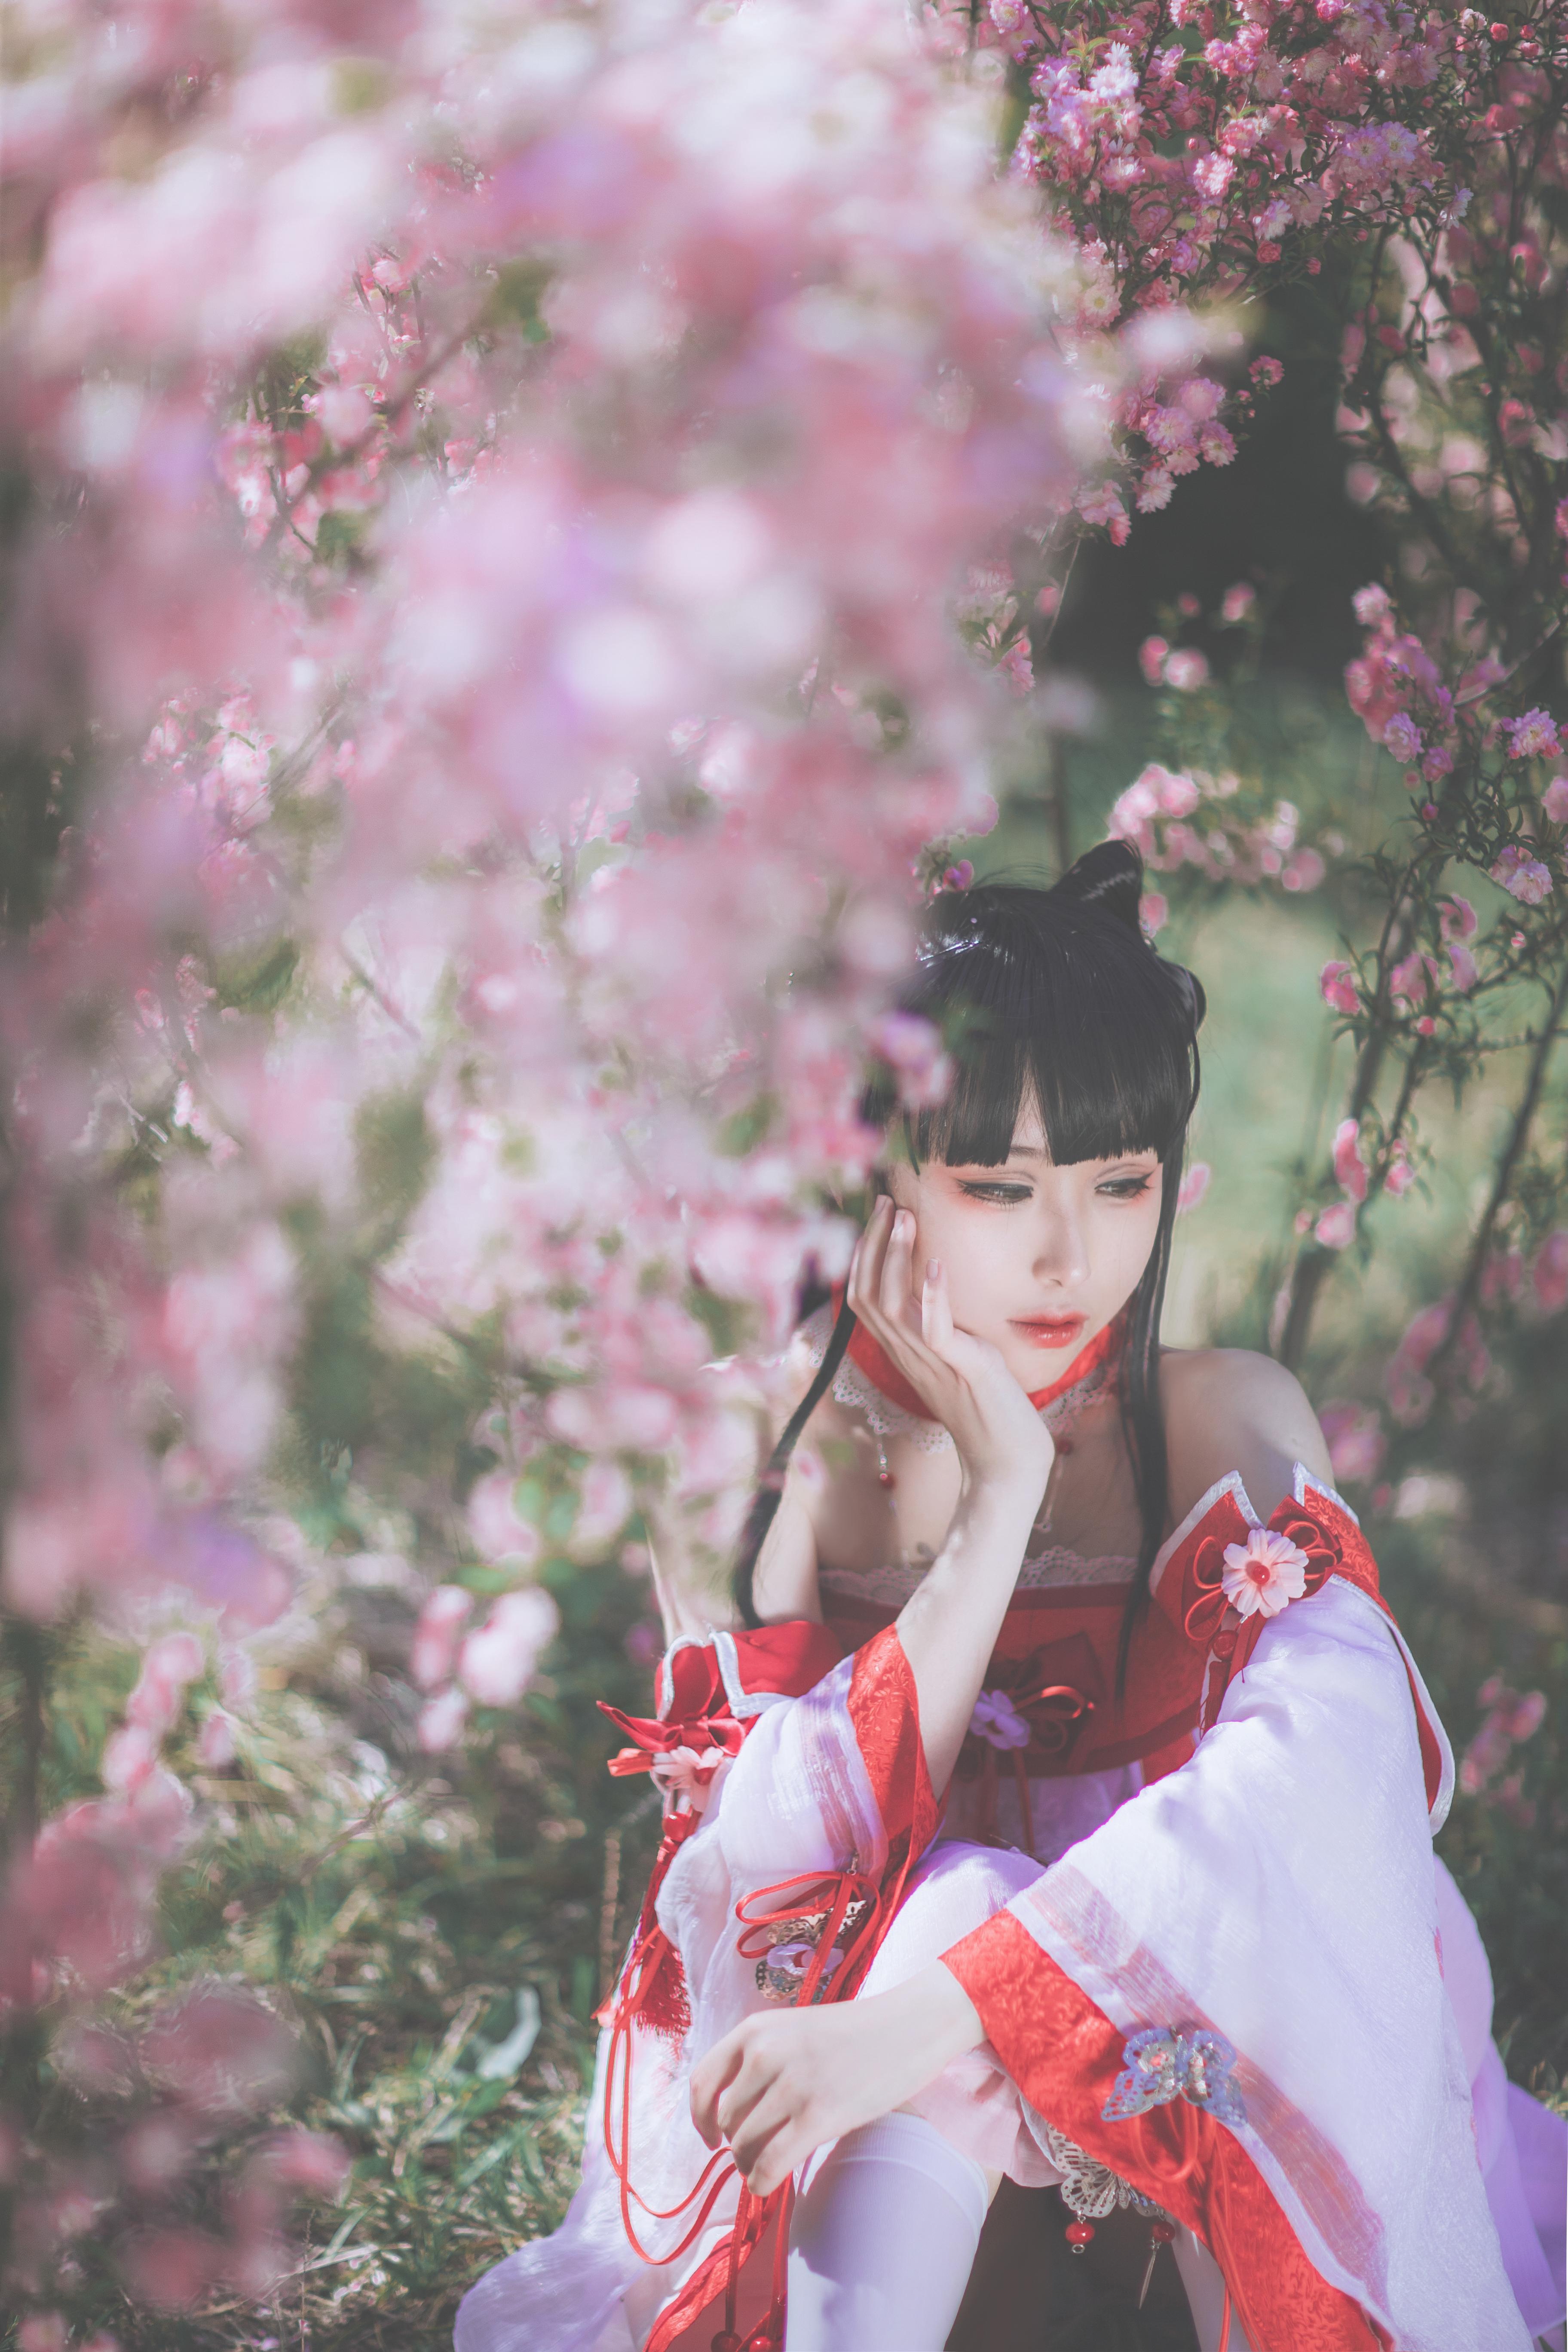 《闪耀暖暖》古风cosplay【CN:北漠鸢】-第9张